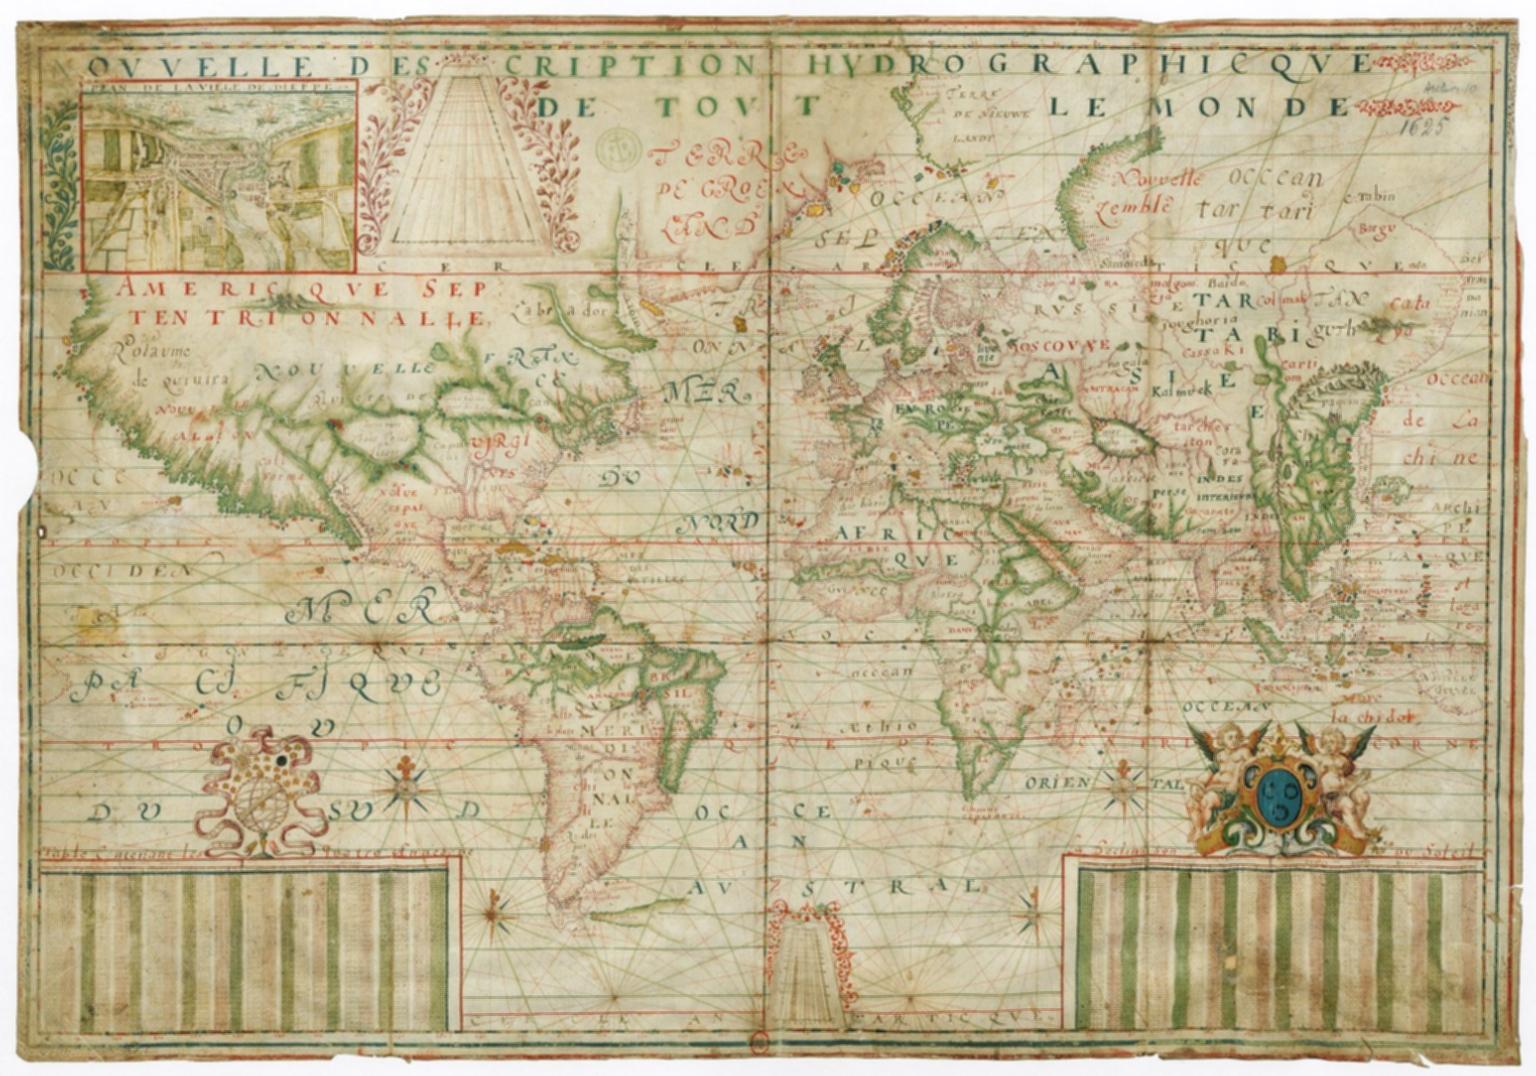 Nouvelle Description hydrographicque : de tout le Monde, 1625